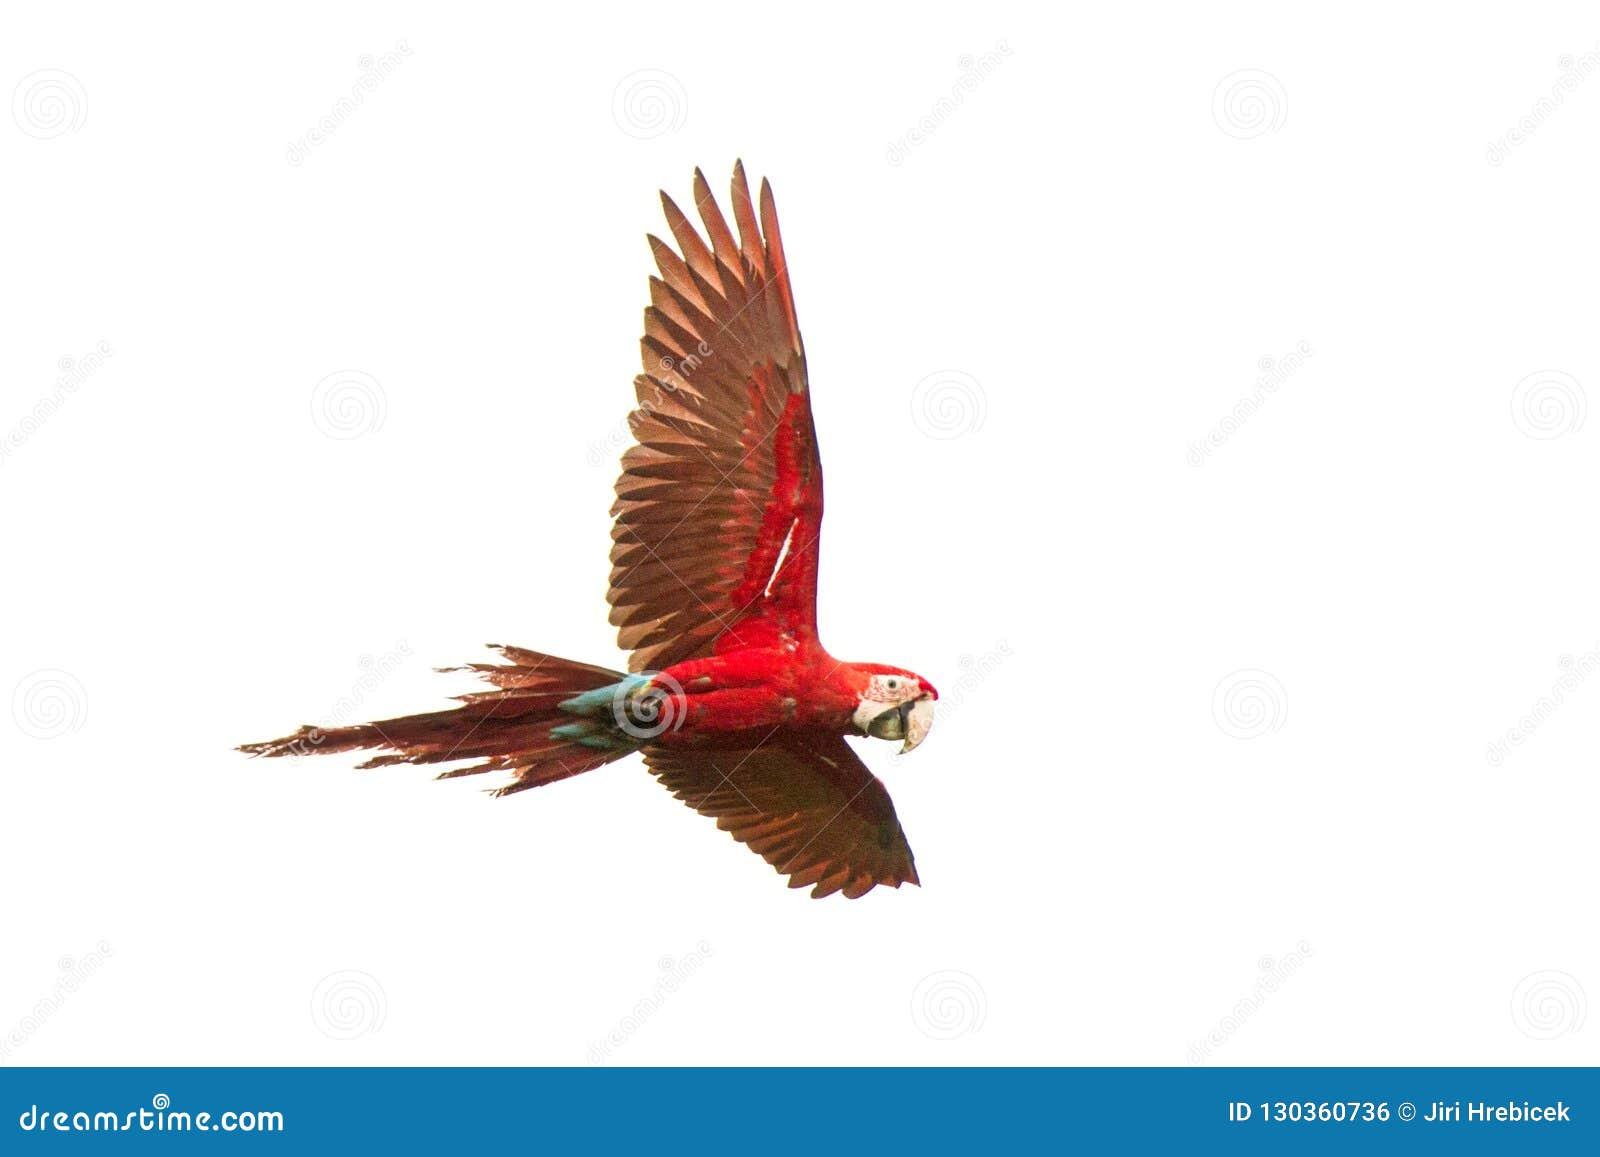 Rote Papageien im Flug Keilschwanzsittichfliegen, weißer Hintergrund, lokalisierter Vogel, Roter und Grüner Keilschwanzsittich im